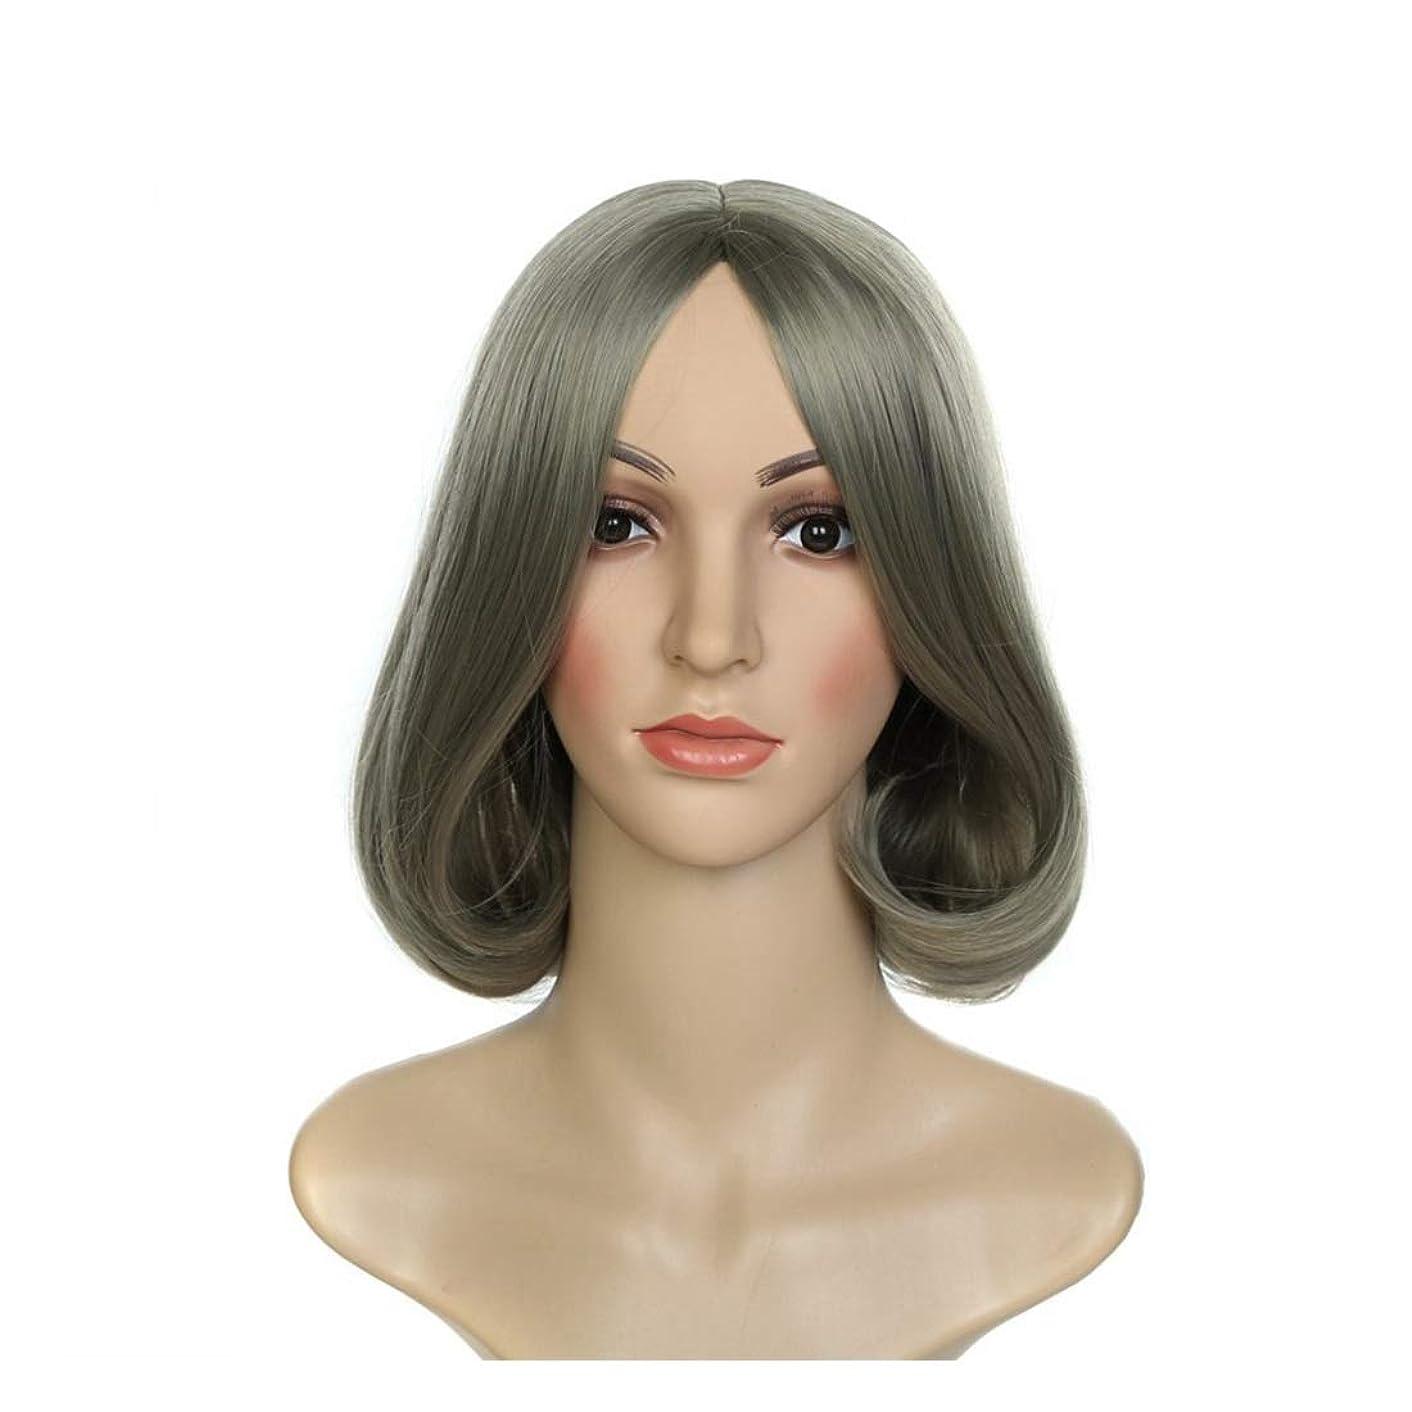 確保するトレーダー広範囲にJIANFU ウィッグウィッグウィッグコスプレウィッグショートヘアファッションレディースウィッグ (Color : Photo Color)